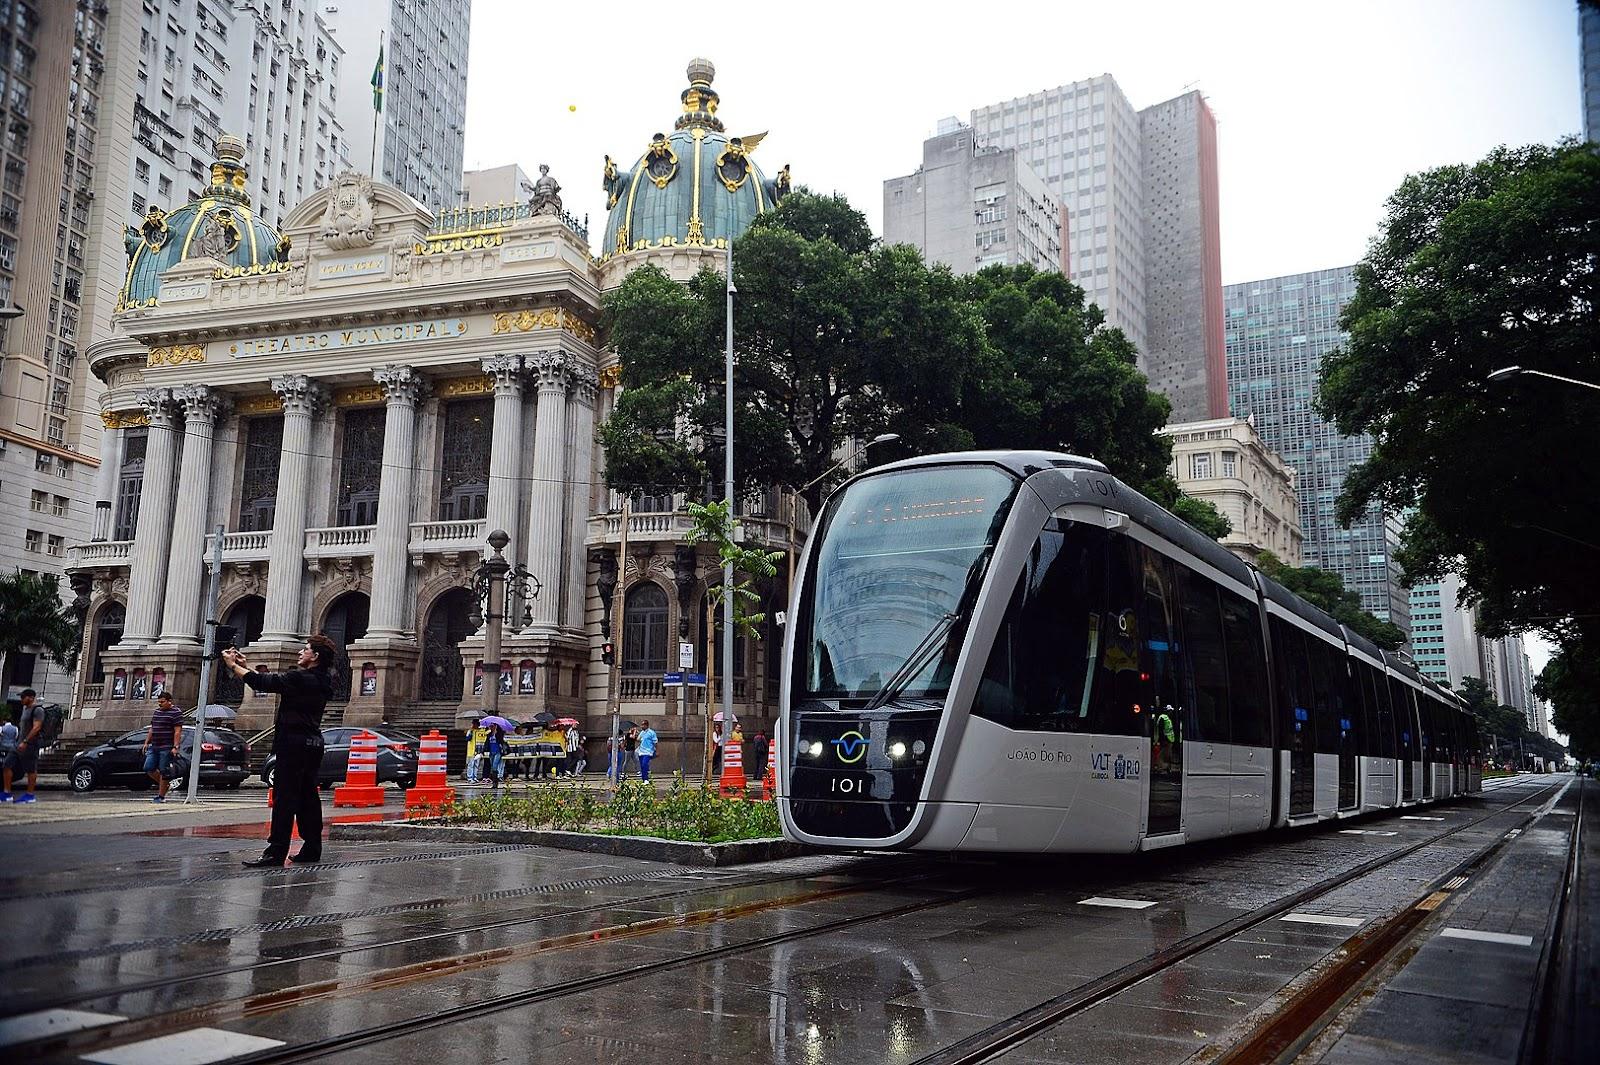 O VLT Carioca é um exemplo de sistema LRT (light rail transit) no Brasil (Imagem: Wikimedia Commons)